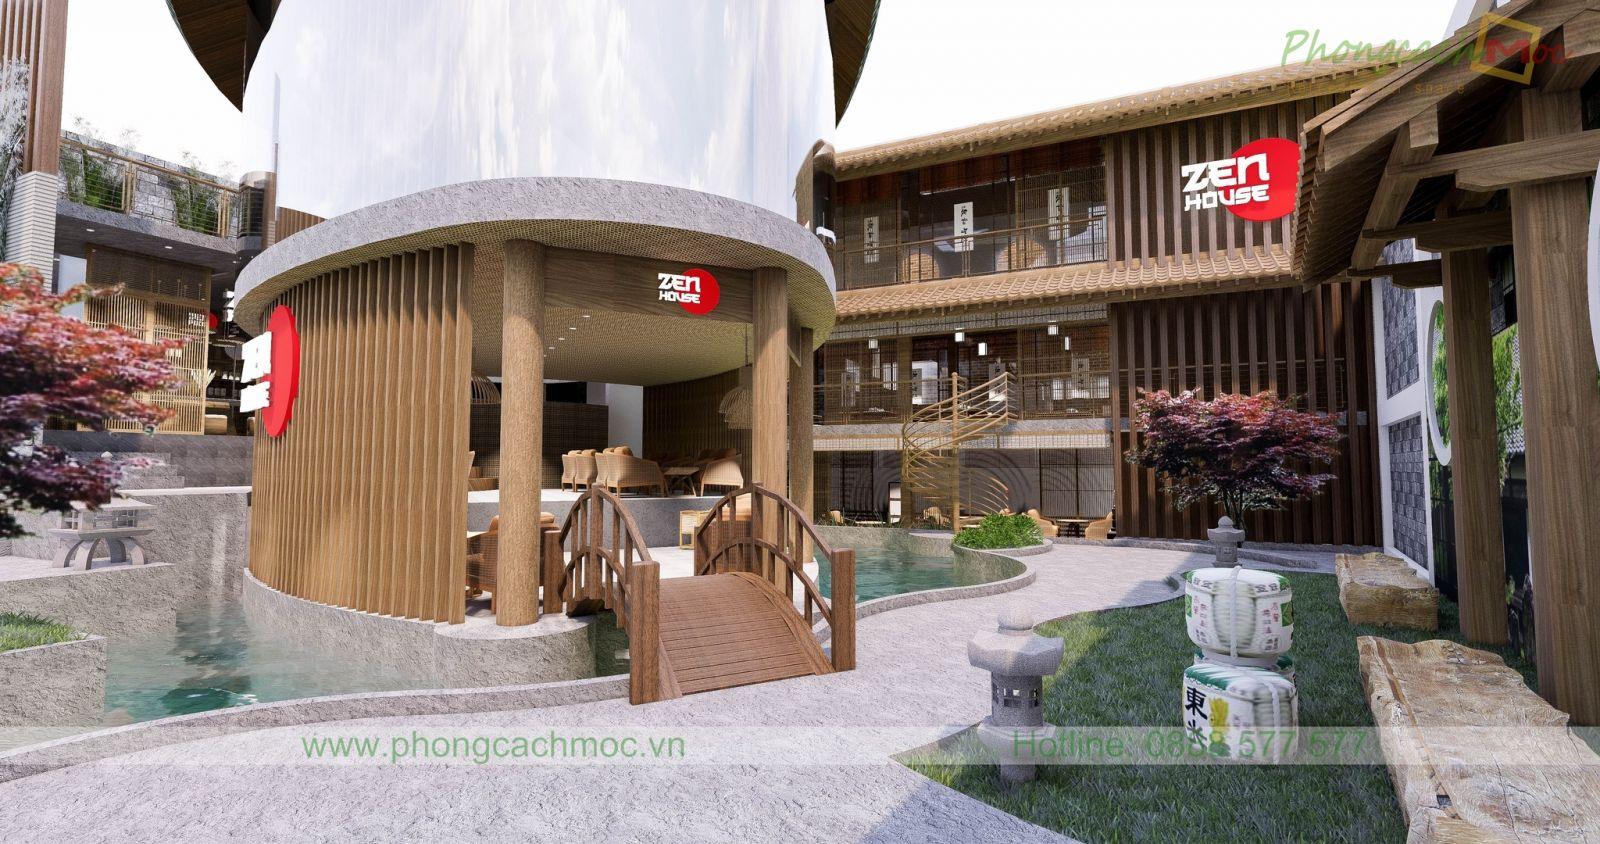 tổng thể không gian nhà hàng chay zenhouse